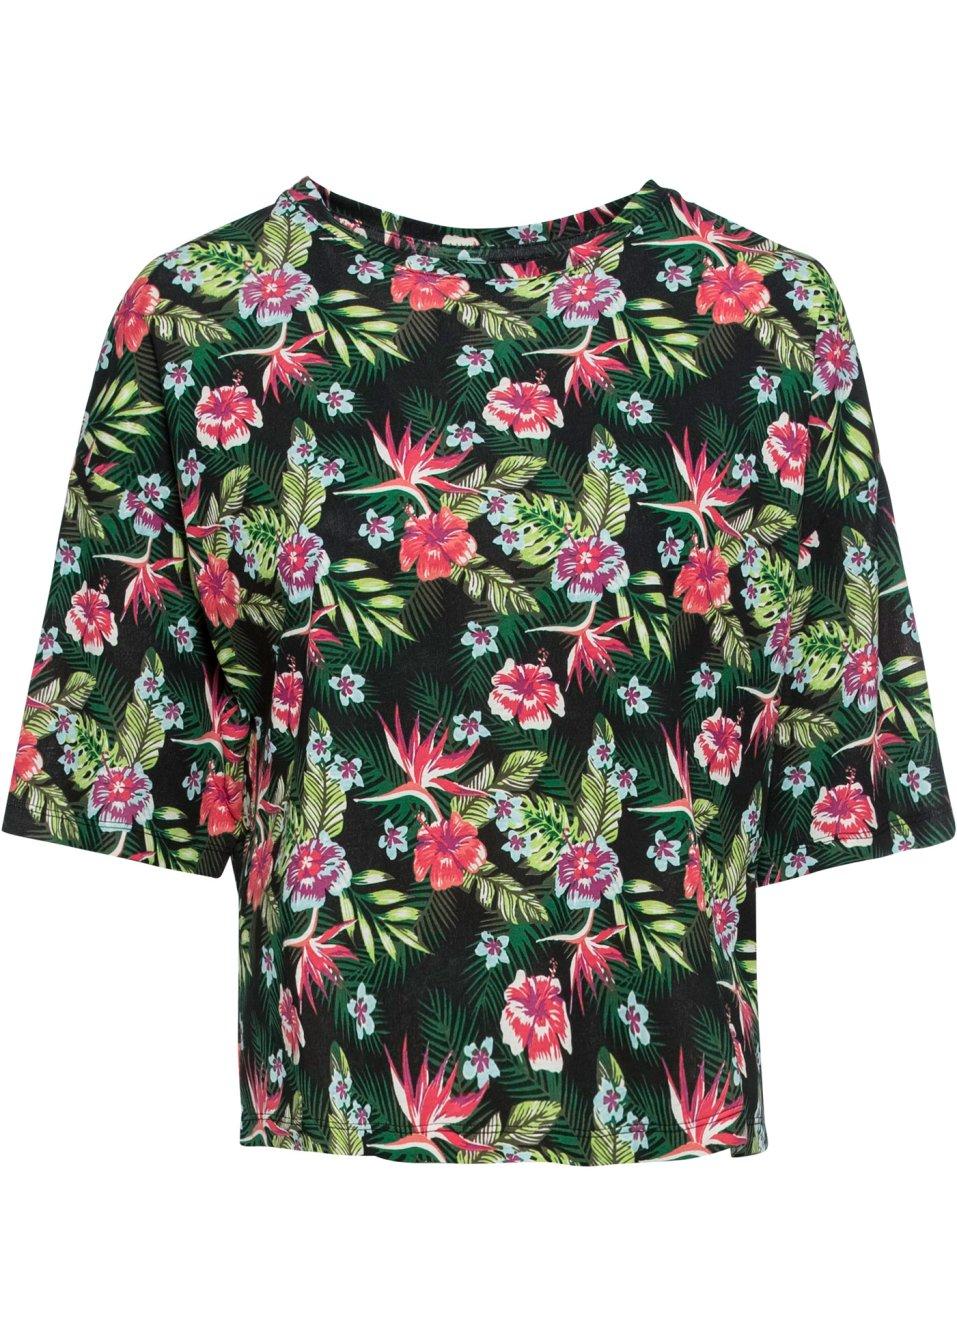 Oversize-Shirt schwarz geblümt - Damen - RAINBOW - bonprix.de 6B9Rk DhXoQ